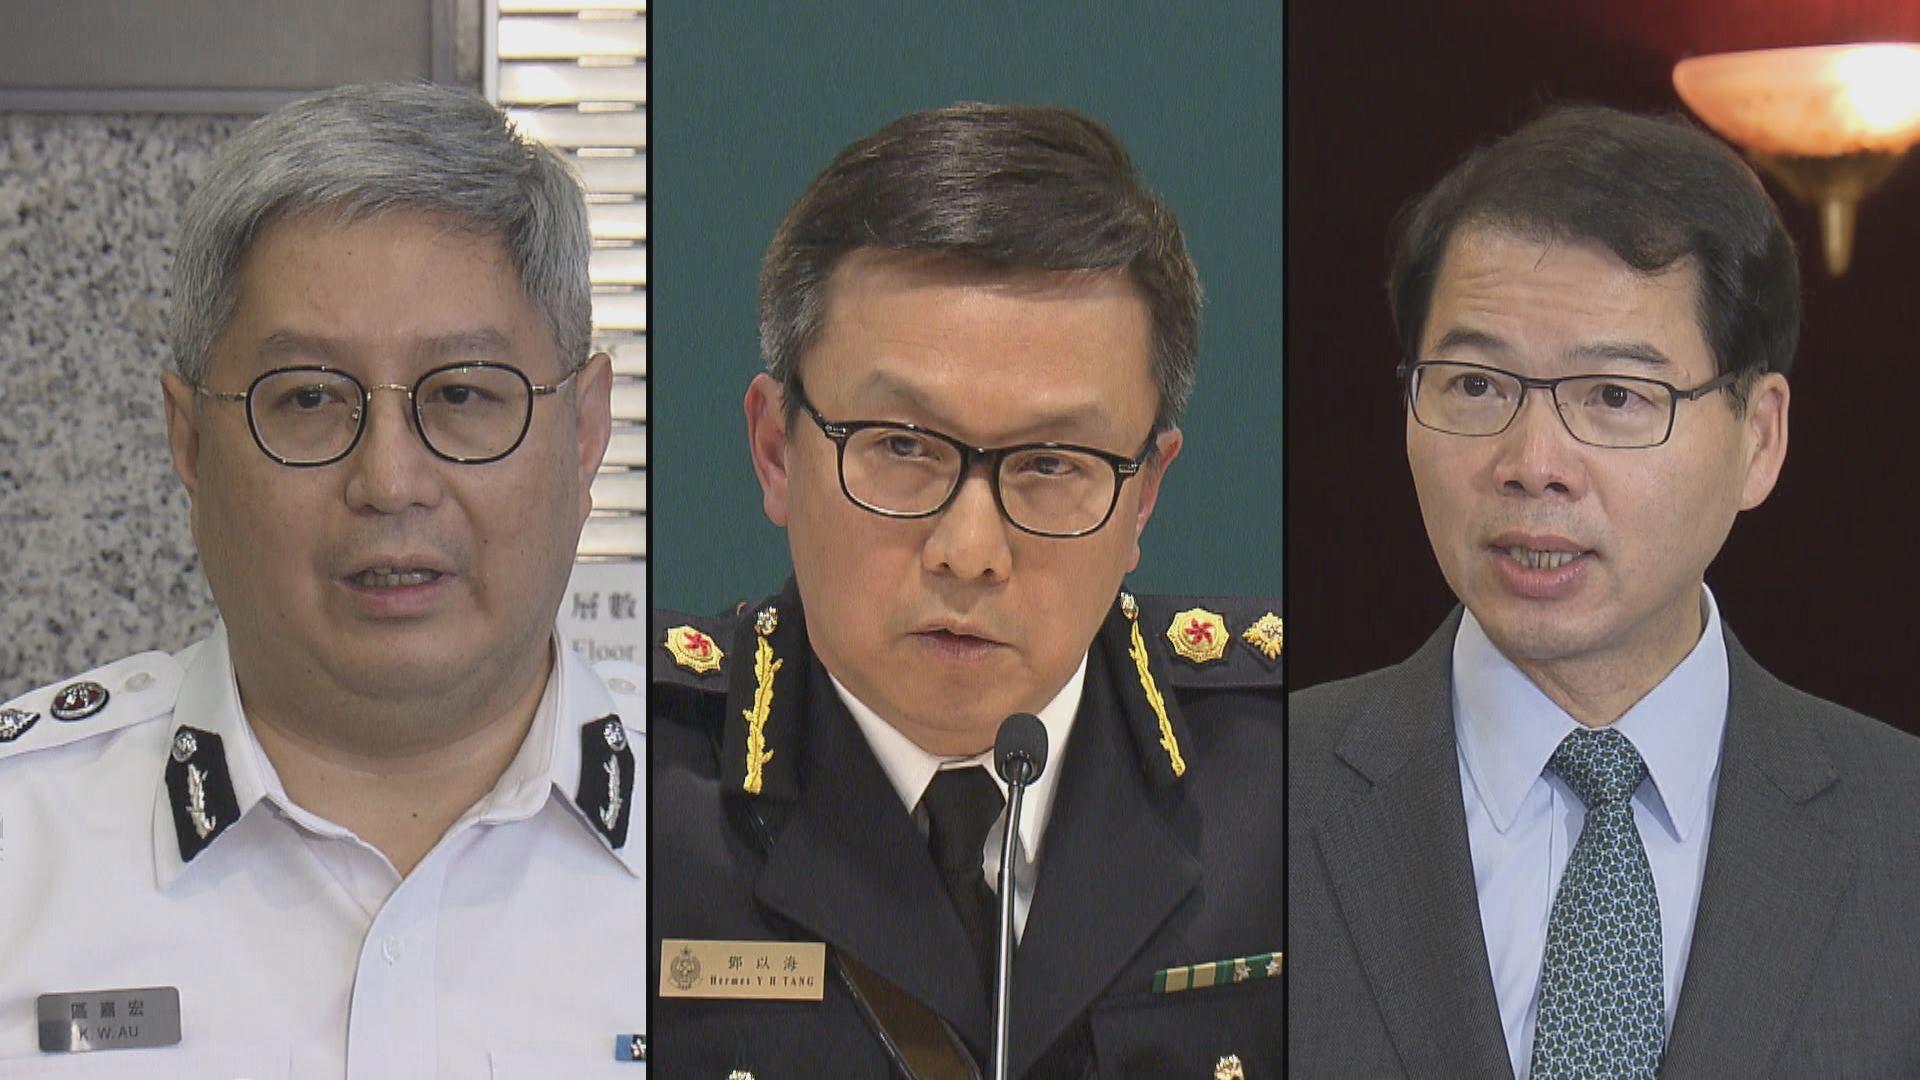 保安局:違限聚令三官員承認疏忽及敏感度不足 就事件表歉意